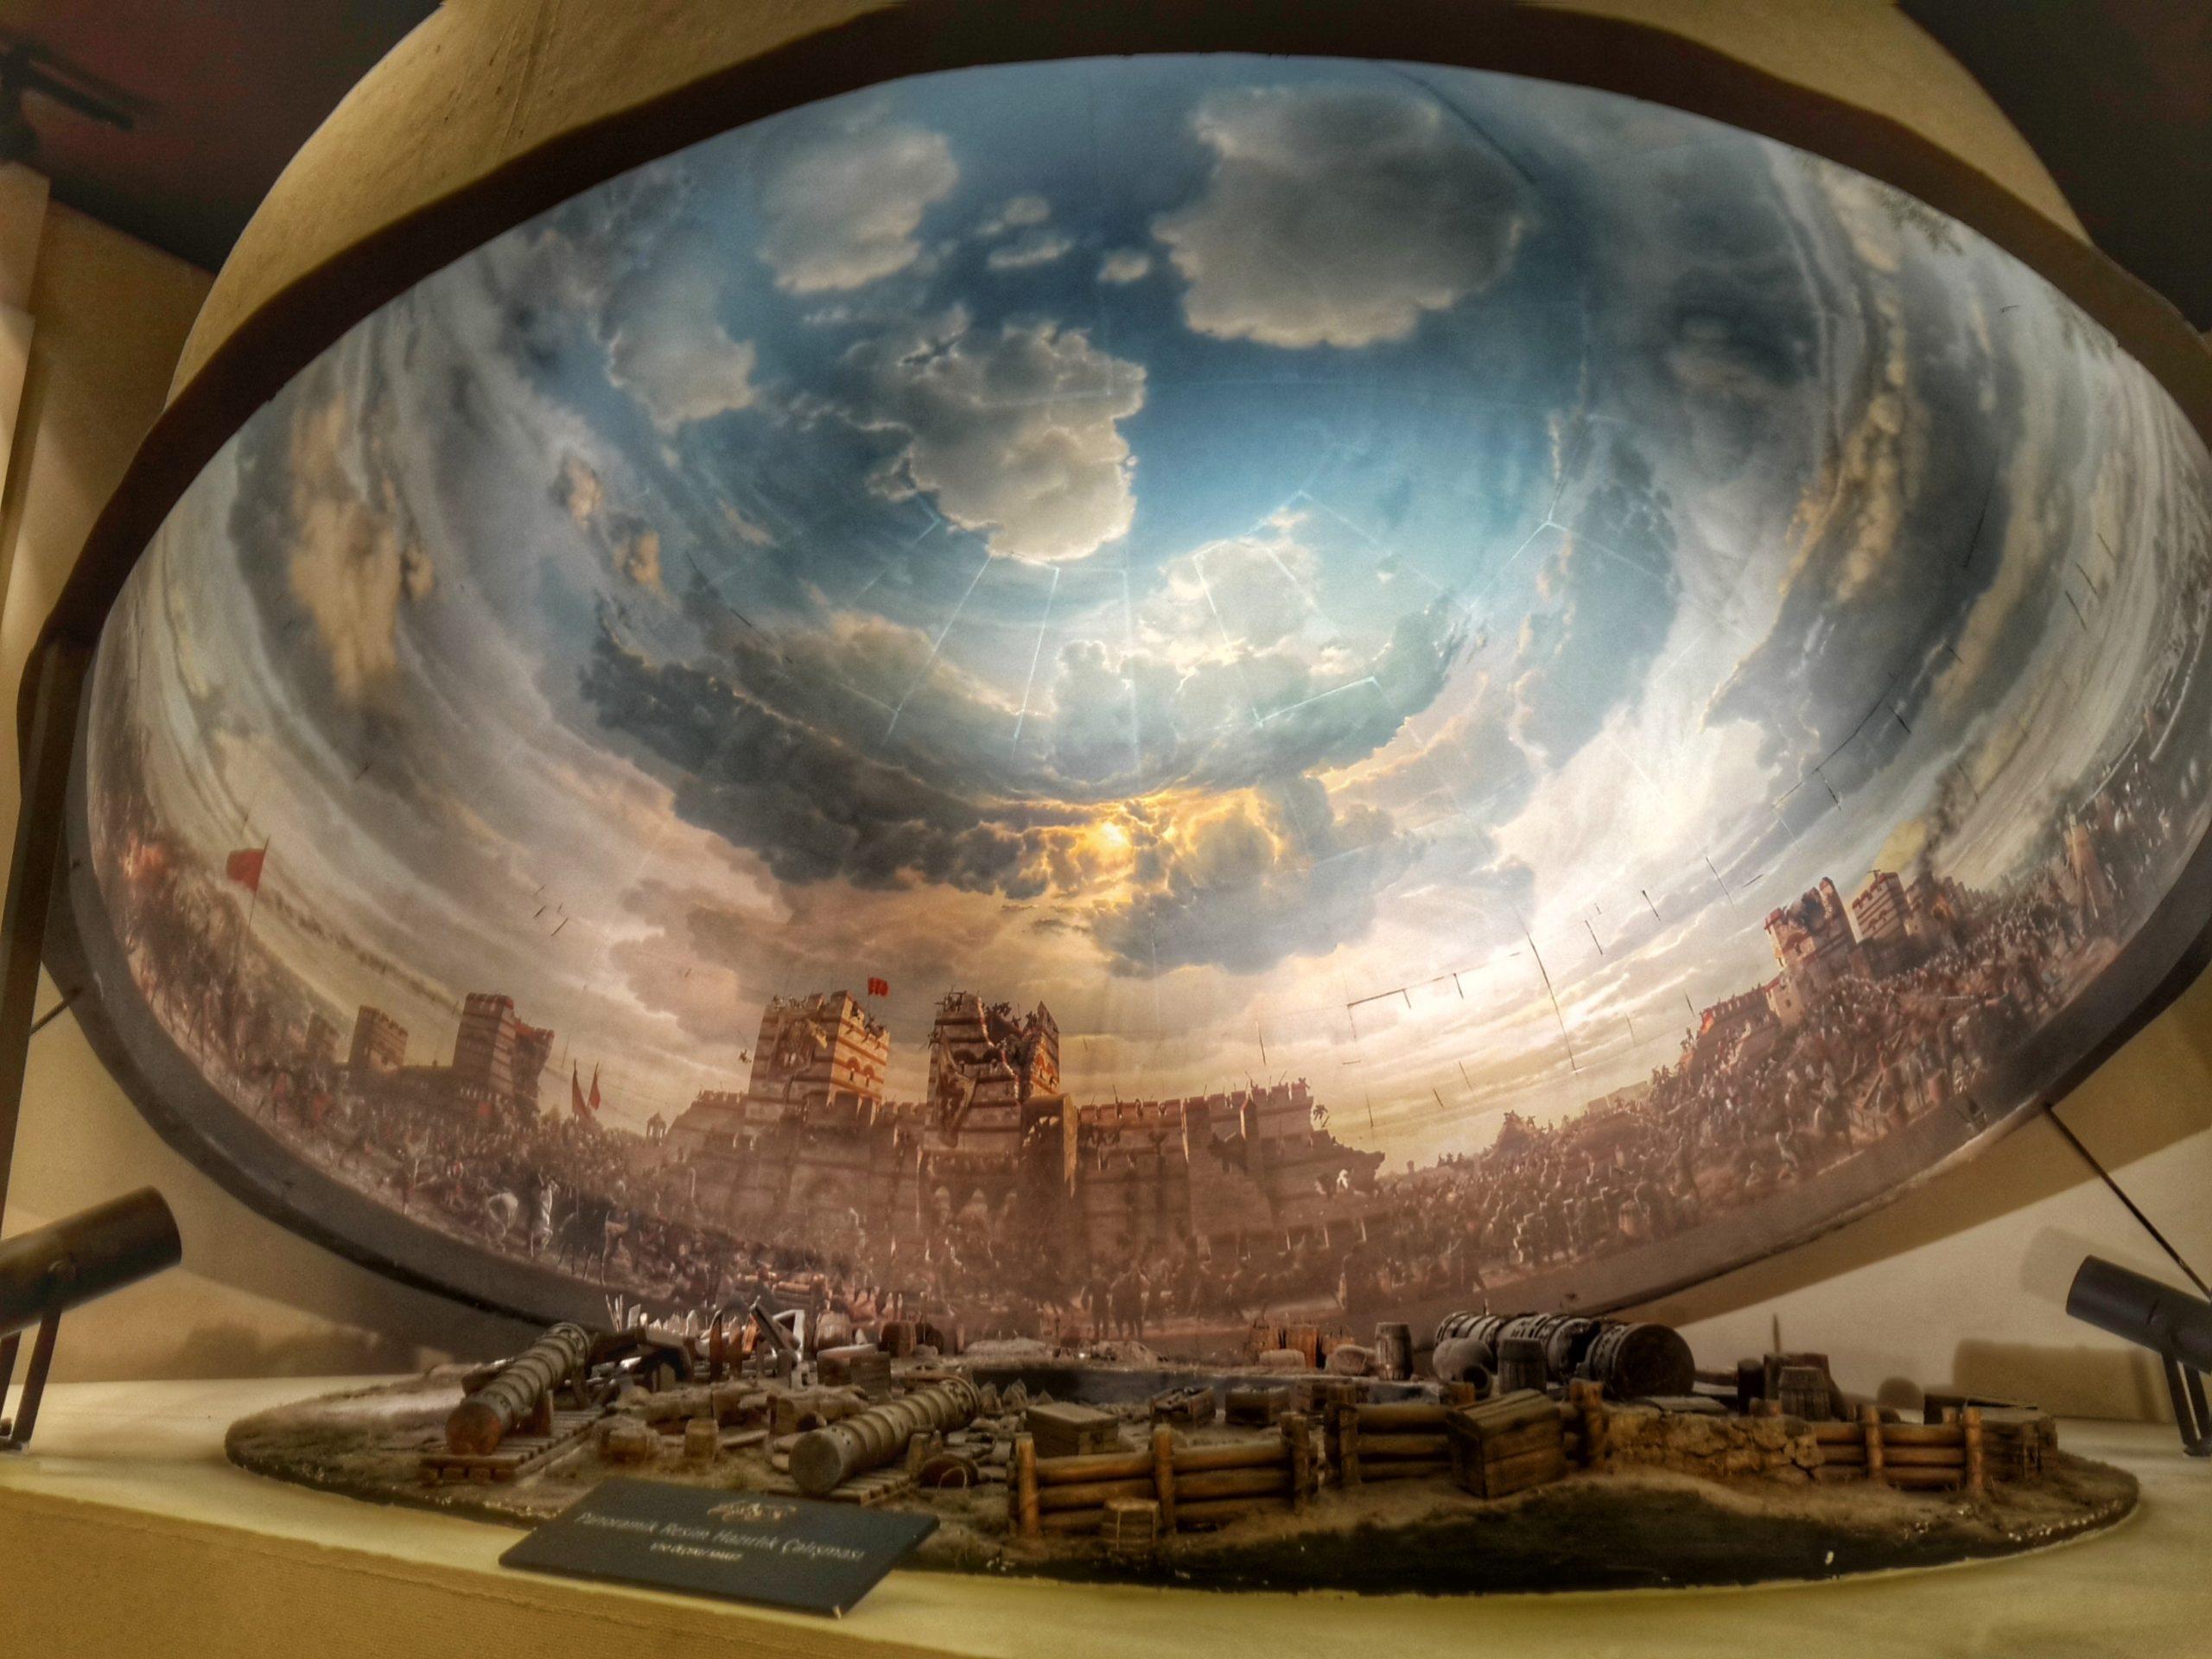 Panorama 1453 History Museum. (Image Credit-Pexels)